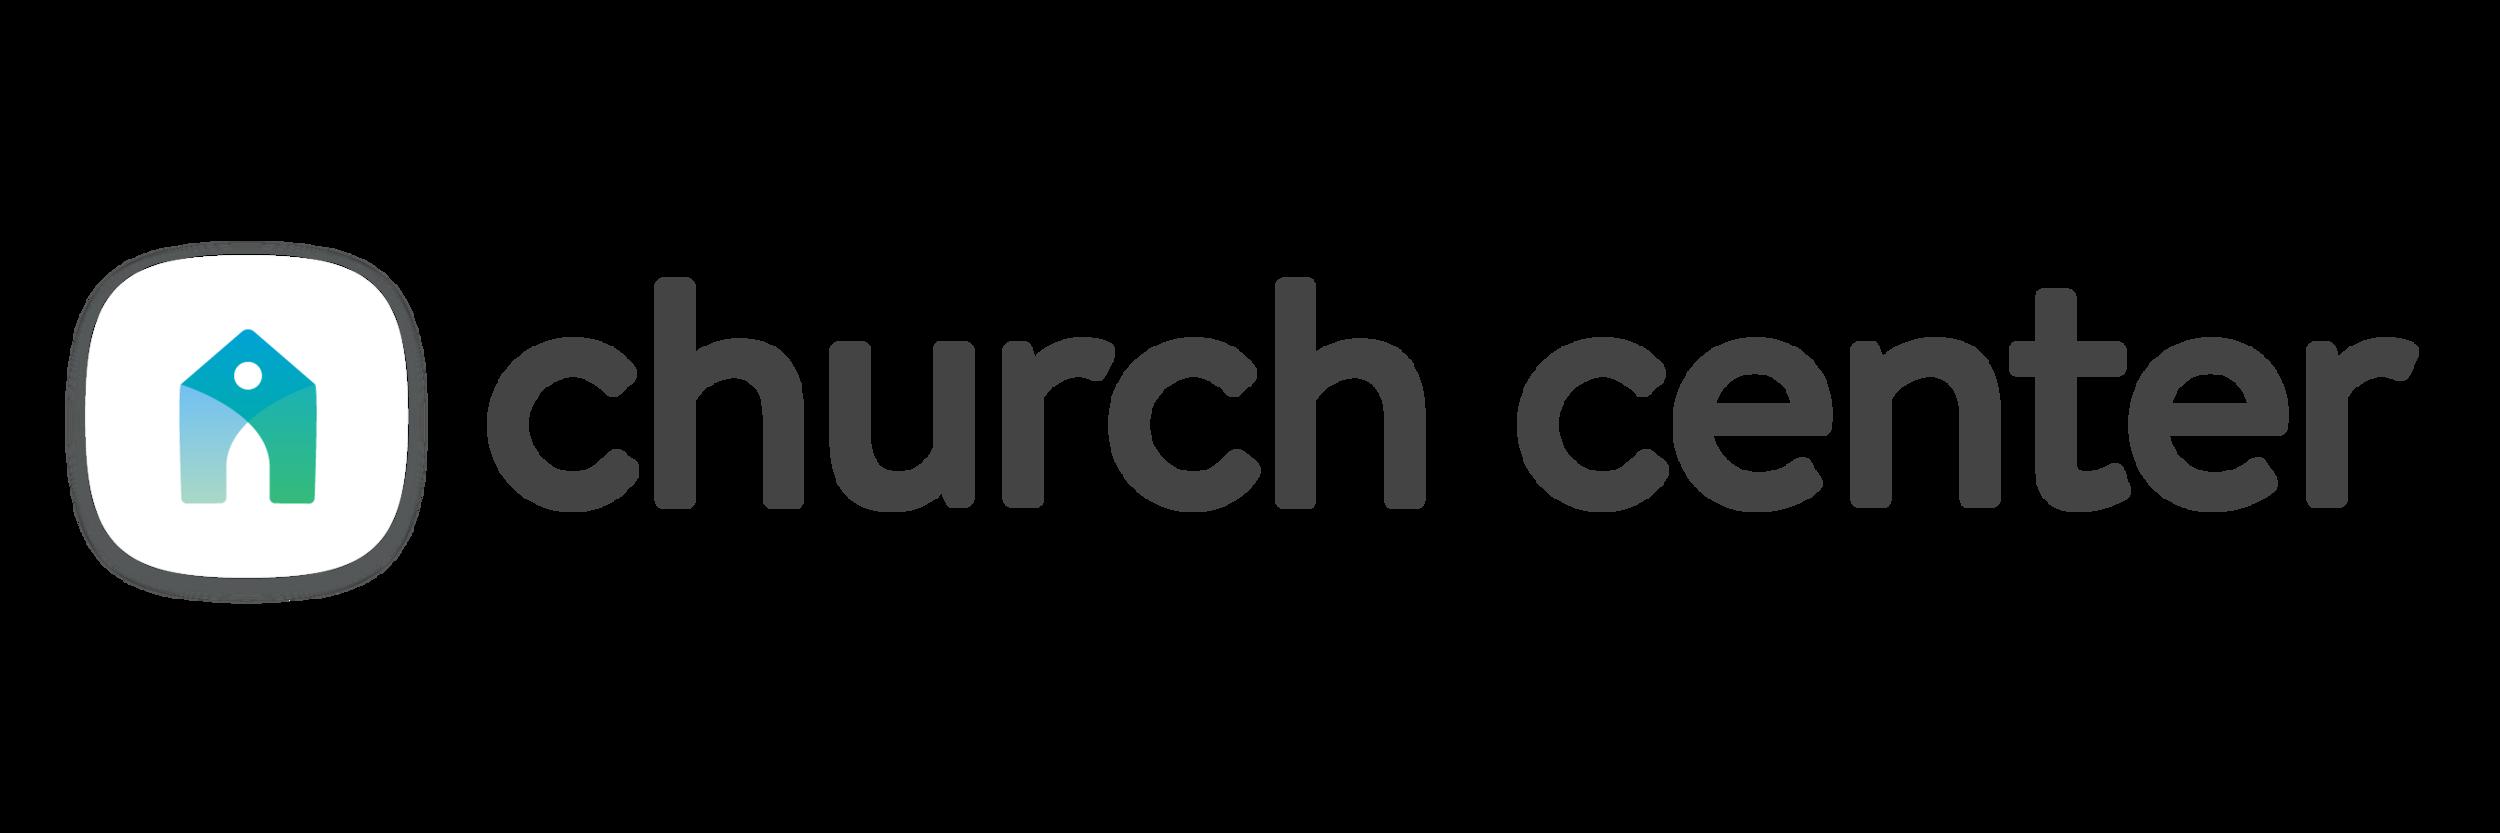 Church Center App - use on light BG.png